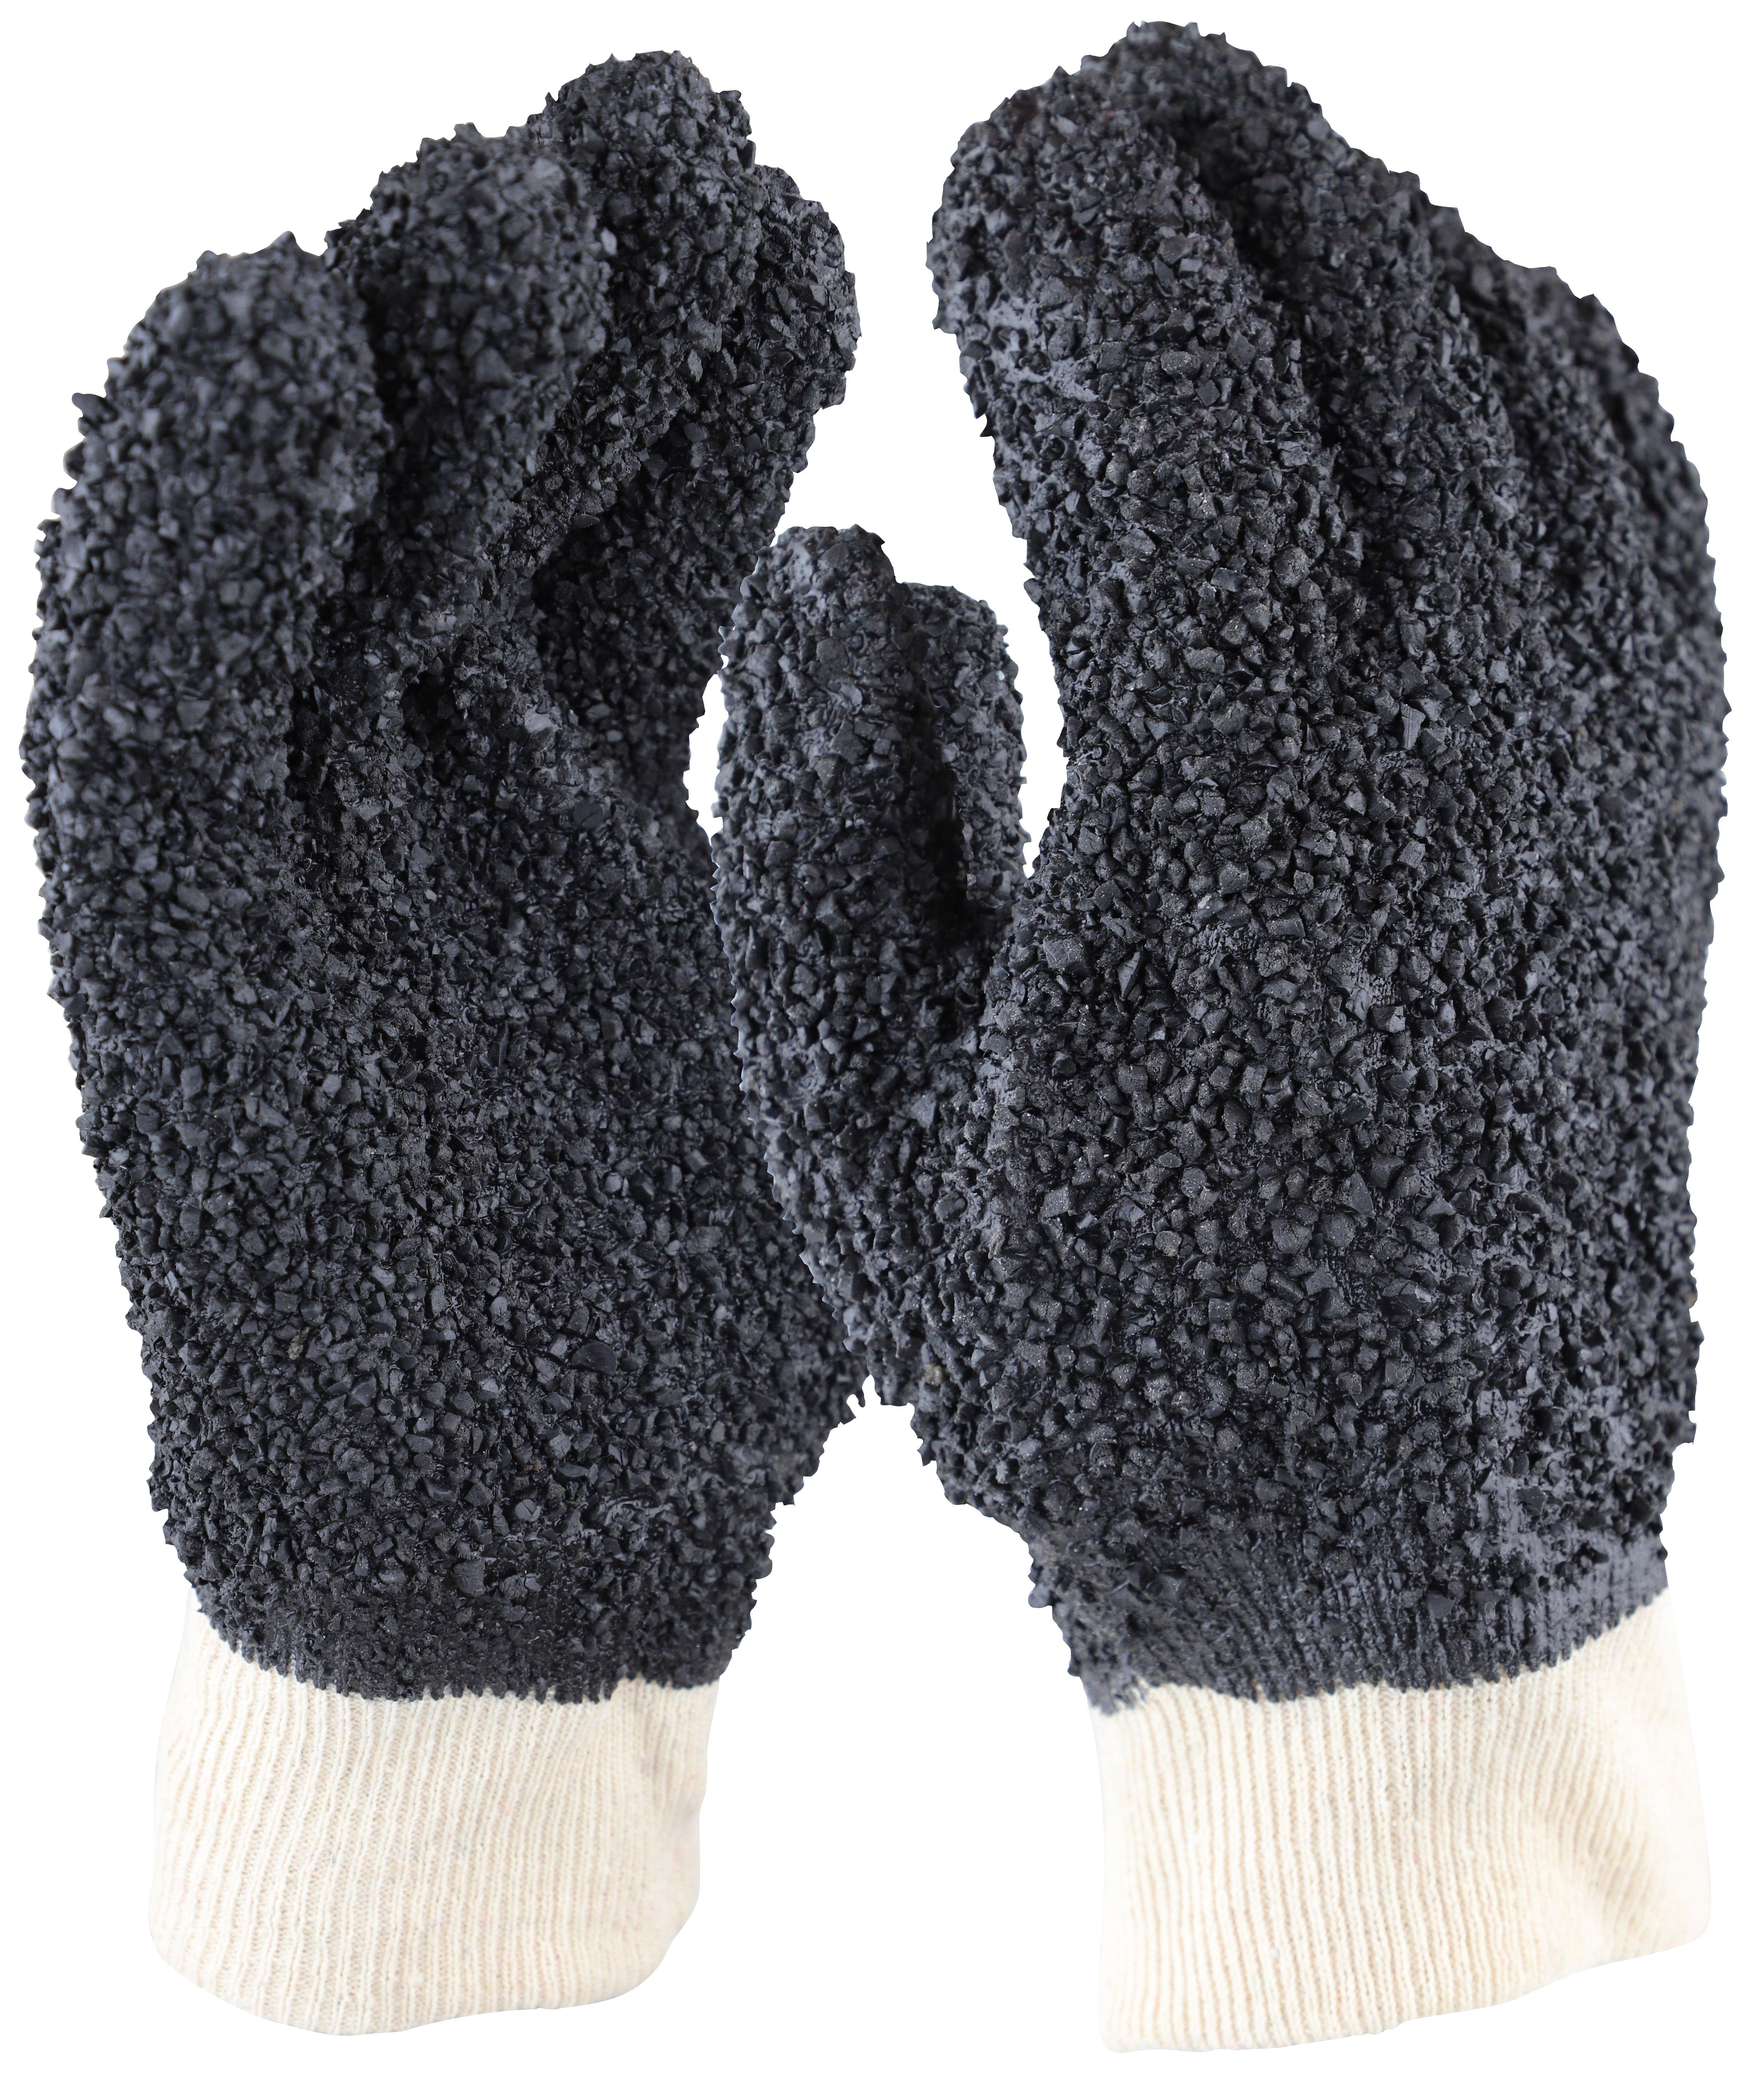 'Grizzly' Black PVC Debudding Glove